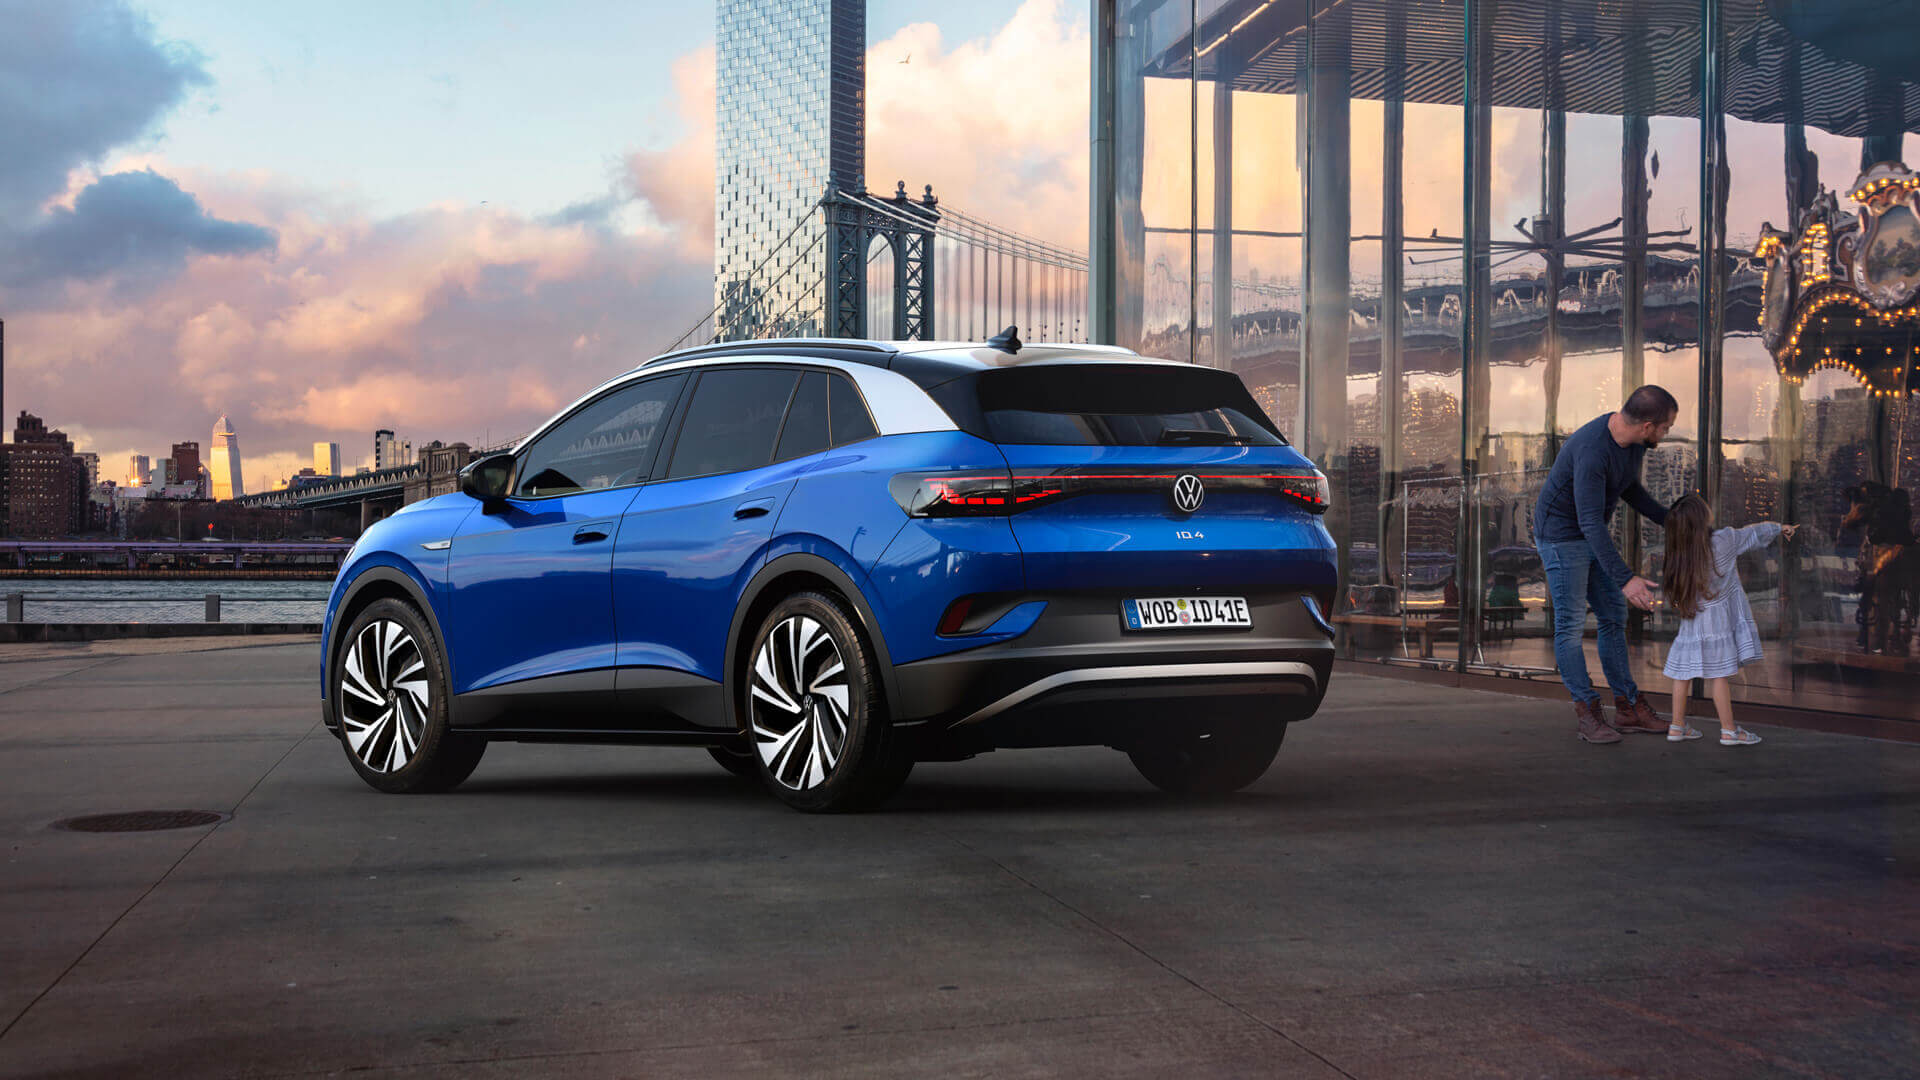 Volkswagen представил электрический кроссовер ID.4 с запасом хода до 520 км